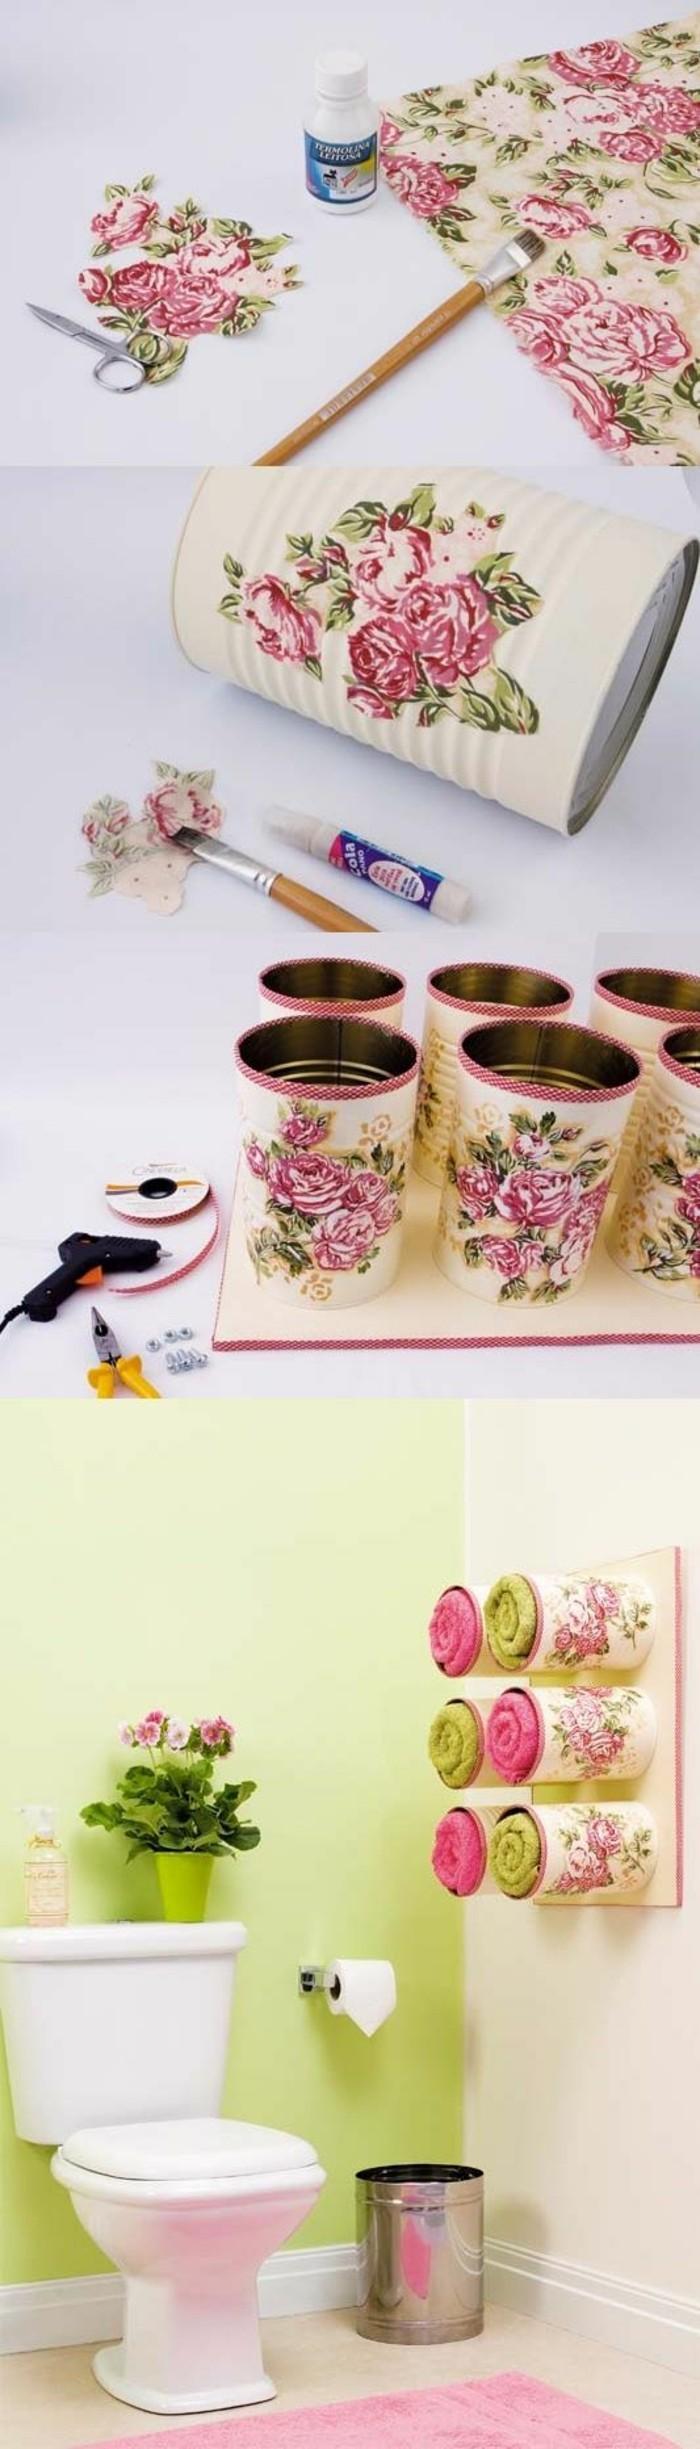 riciclo-barattoli-di-latta-idea-contenitori-sala-da-bagno-muro-decorati-fai-da-te